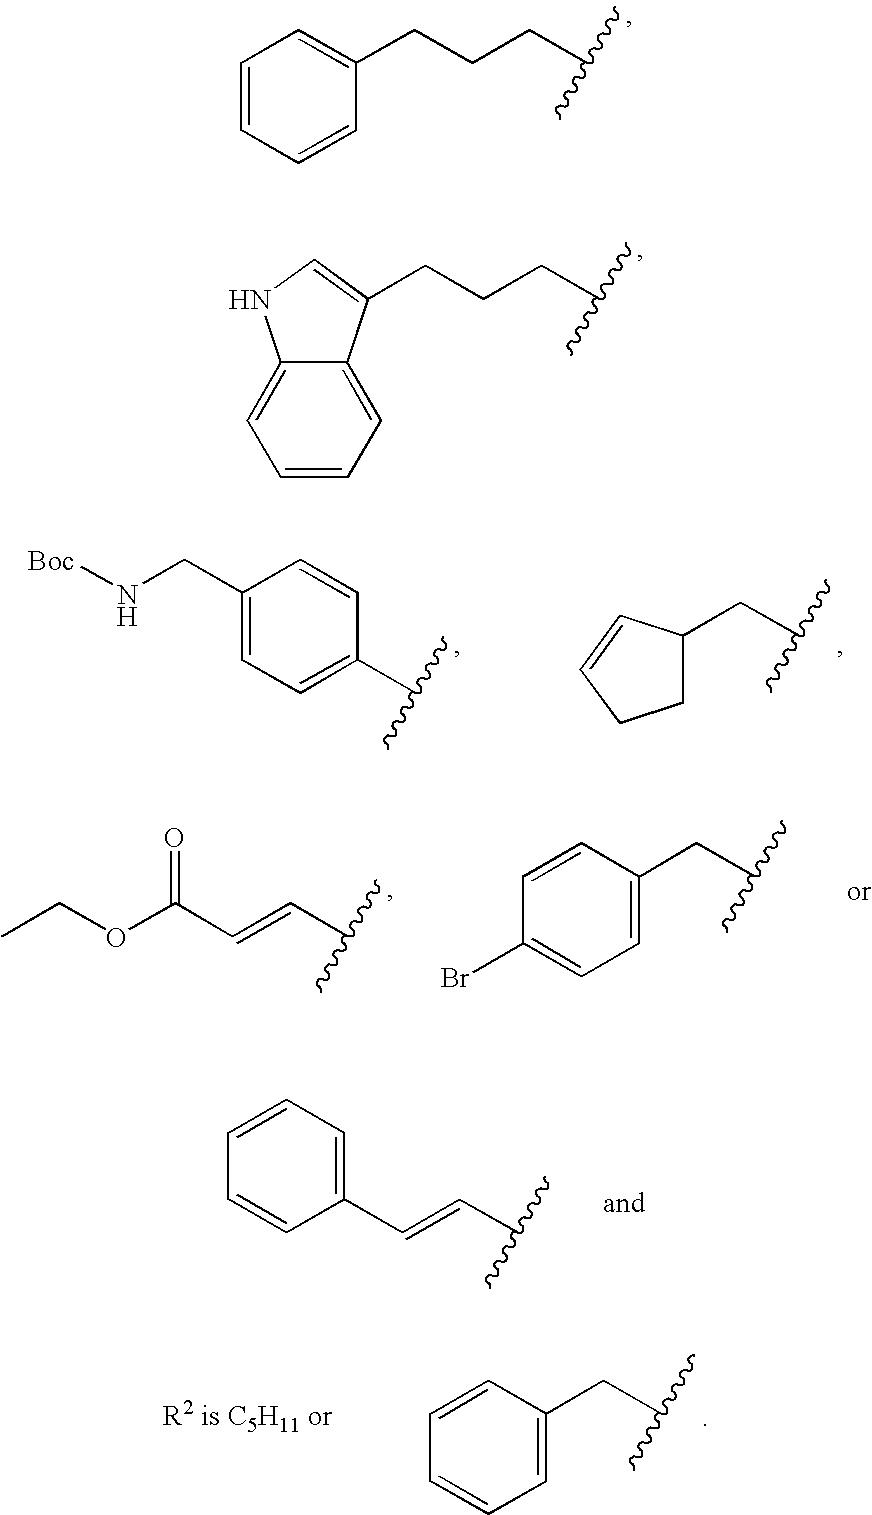 Figure US07910622-20110322-C00018